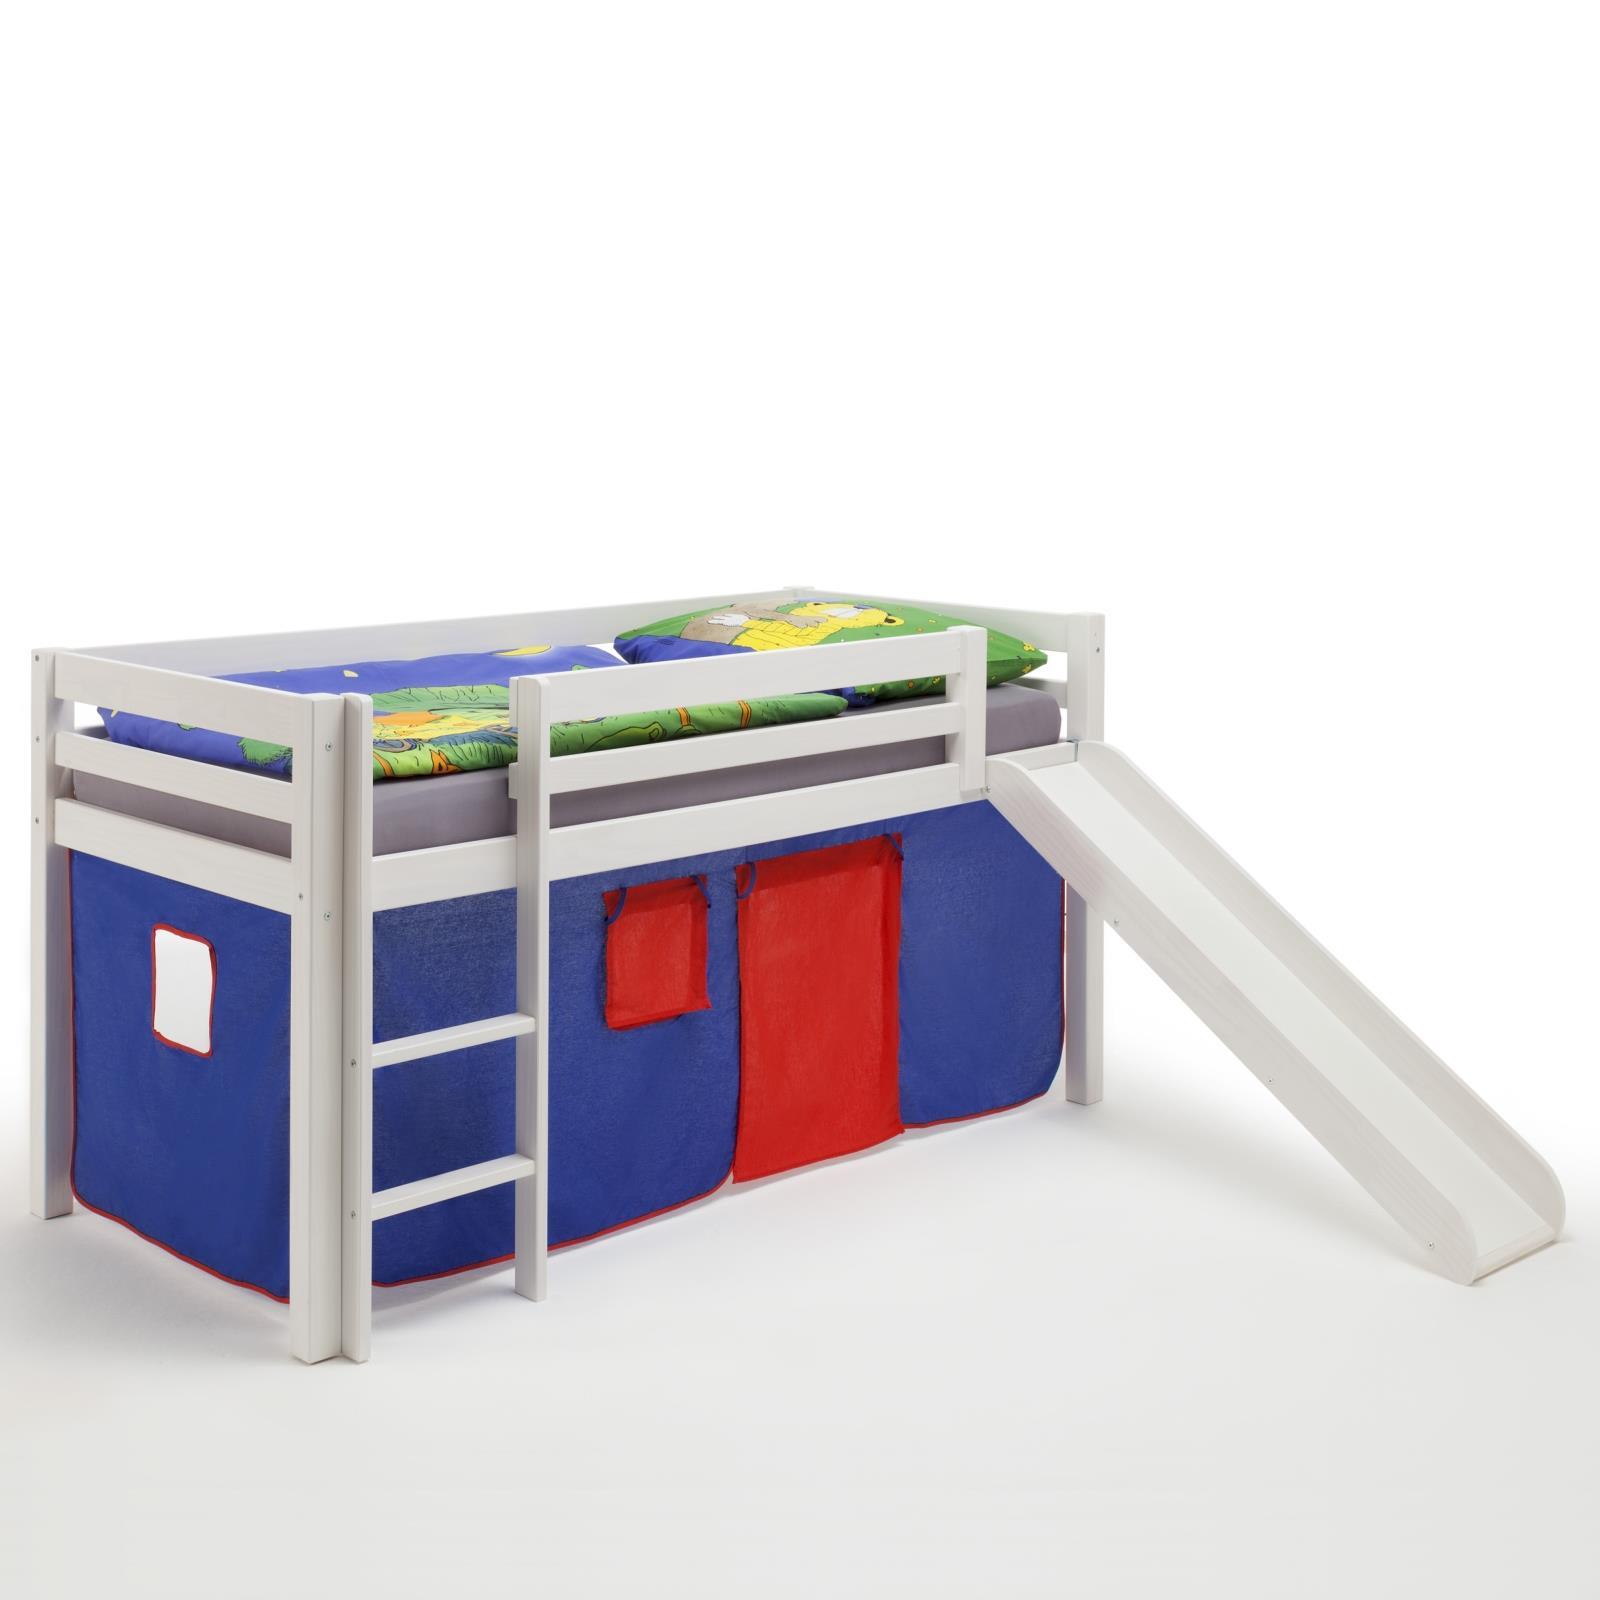 vorhang blau wei gestreift ebenbild das sieht. Black Bedroom Furniture Sets. Home Design Ideas